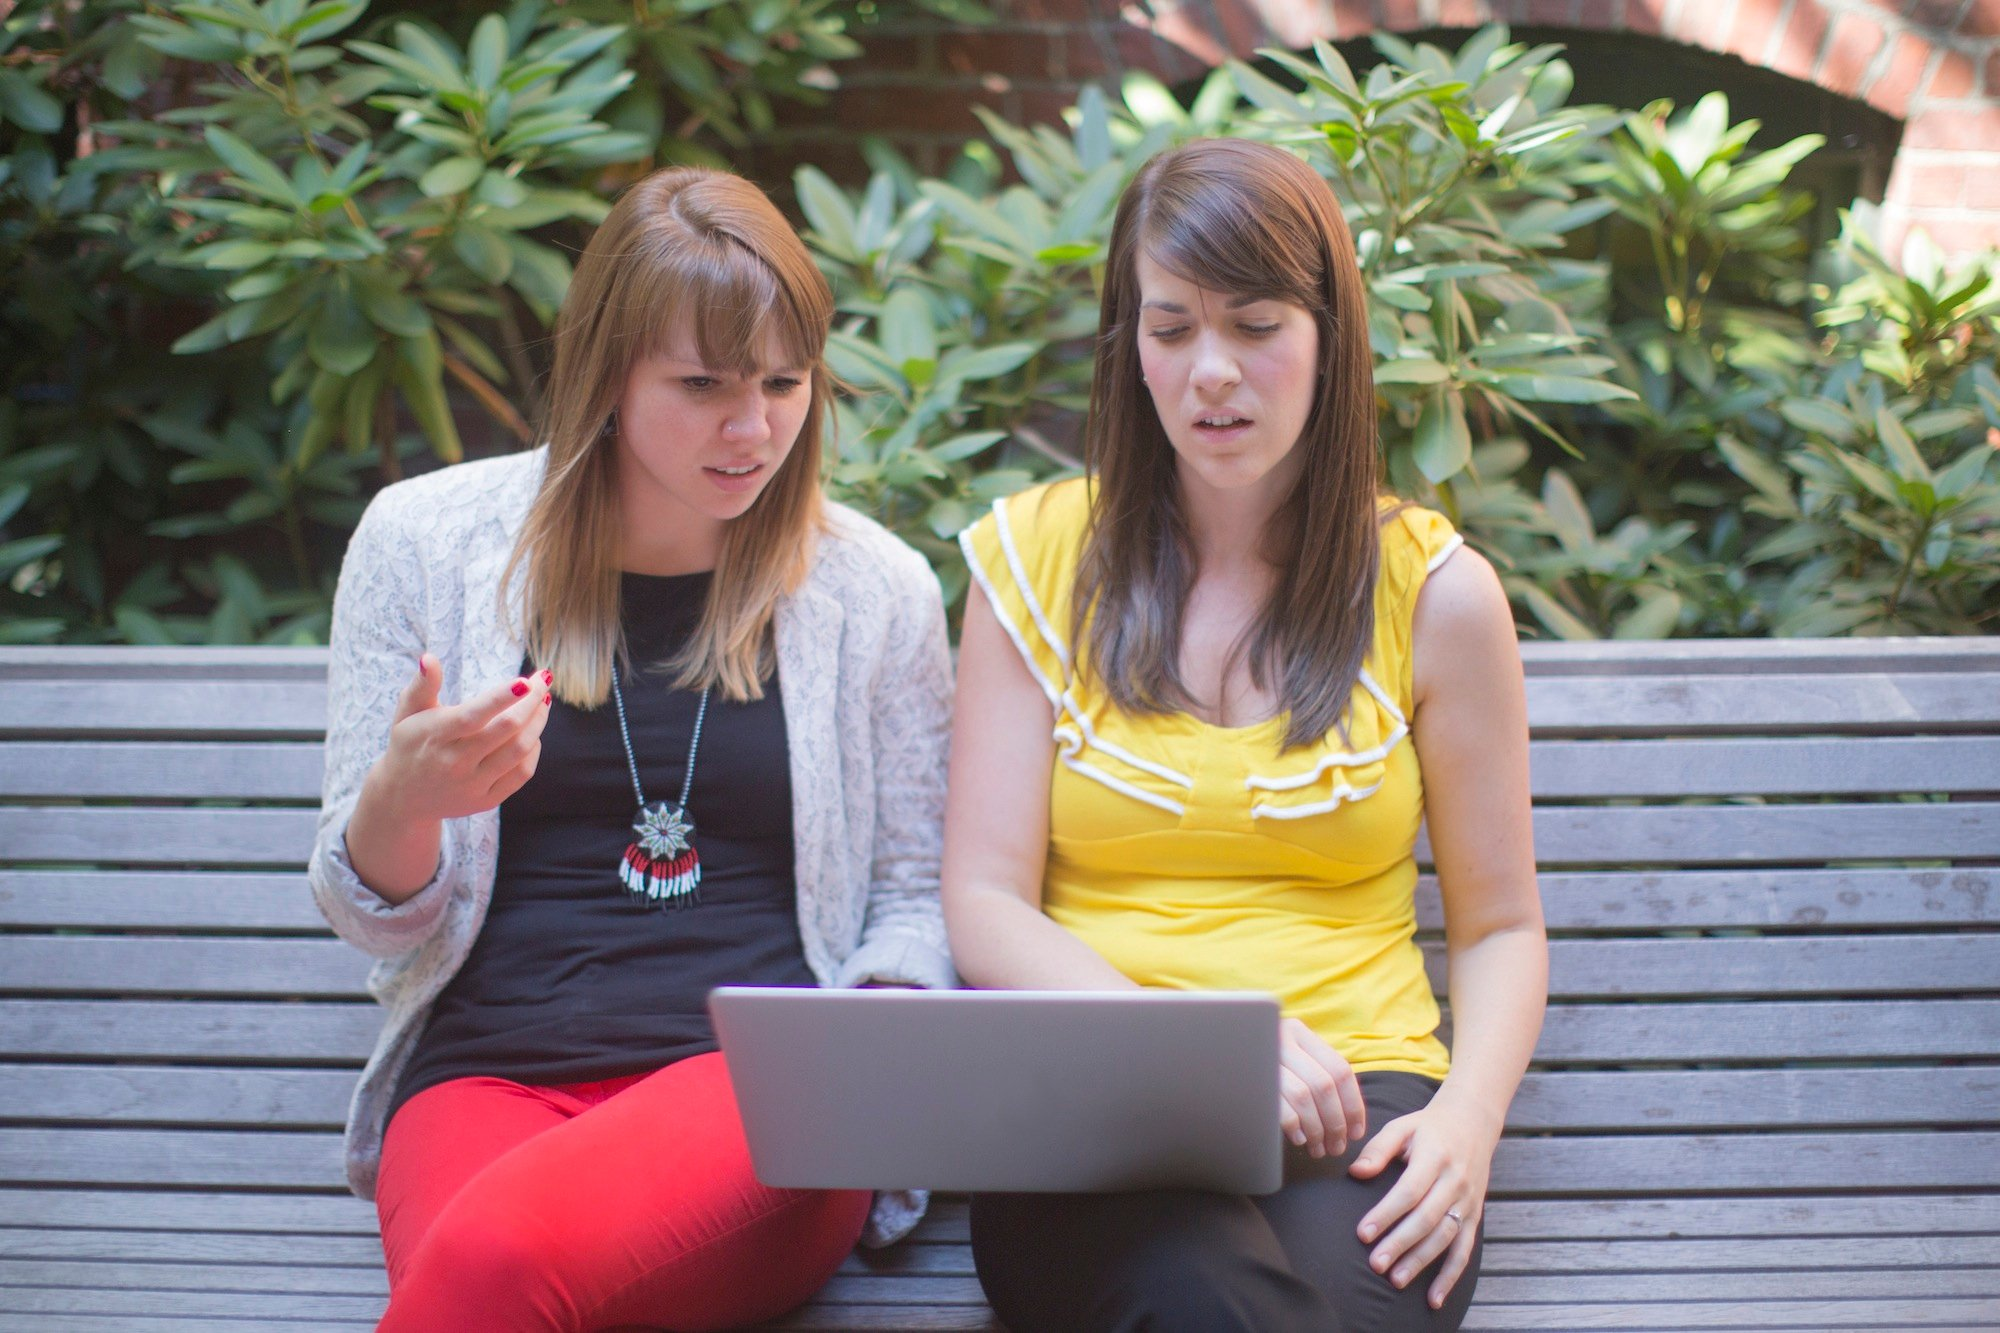 millennials, millennials and gardening, sitting on a bench, garden media group, relating to millennials